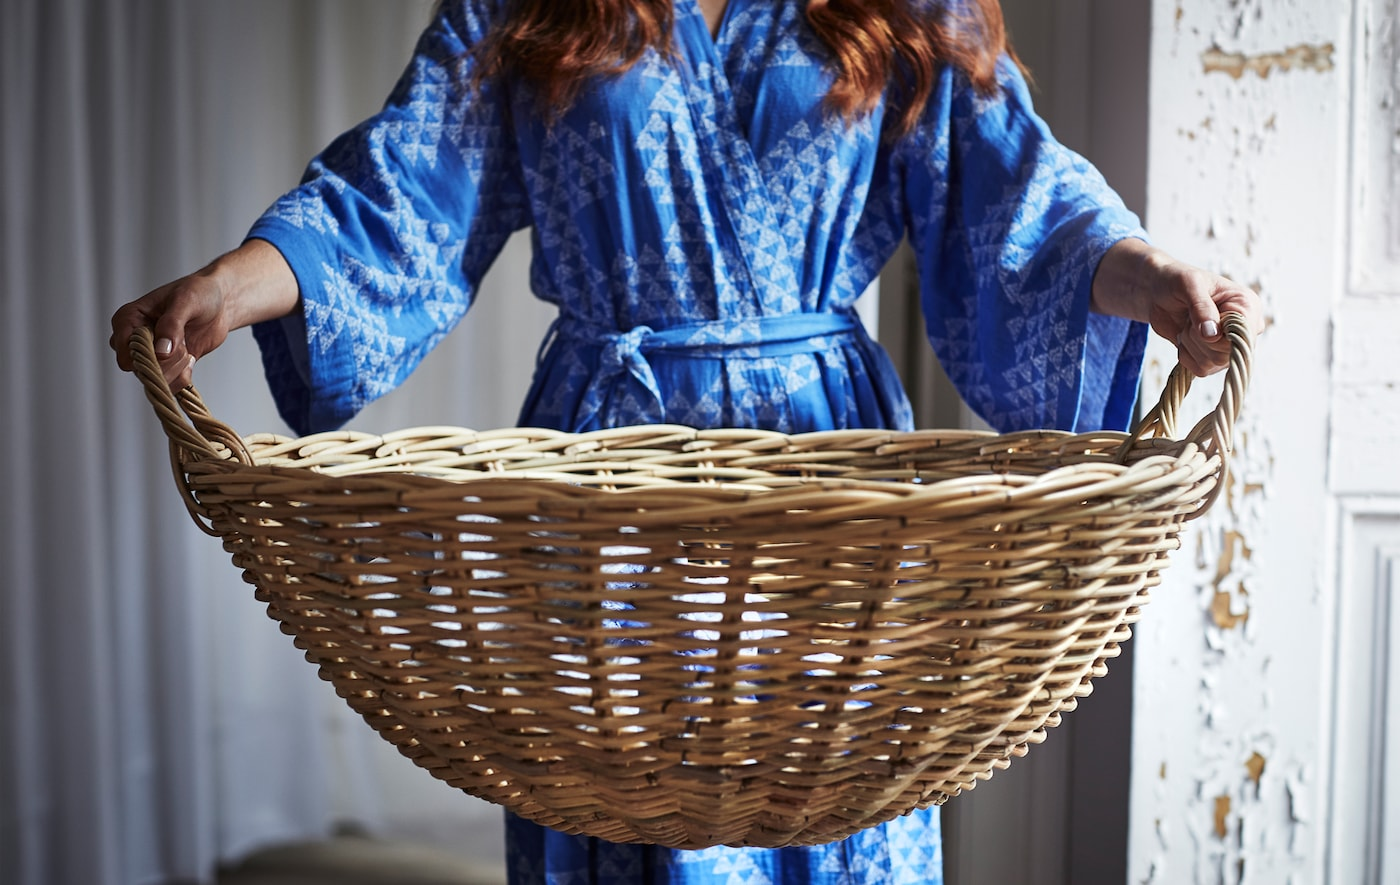 شخص يرتدي كيمونو أزرق منقوش يحمل سلة روطان كبيرة مستديرة.